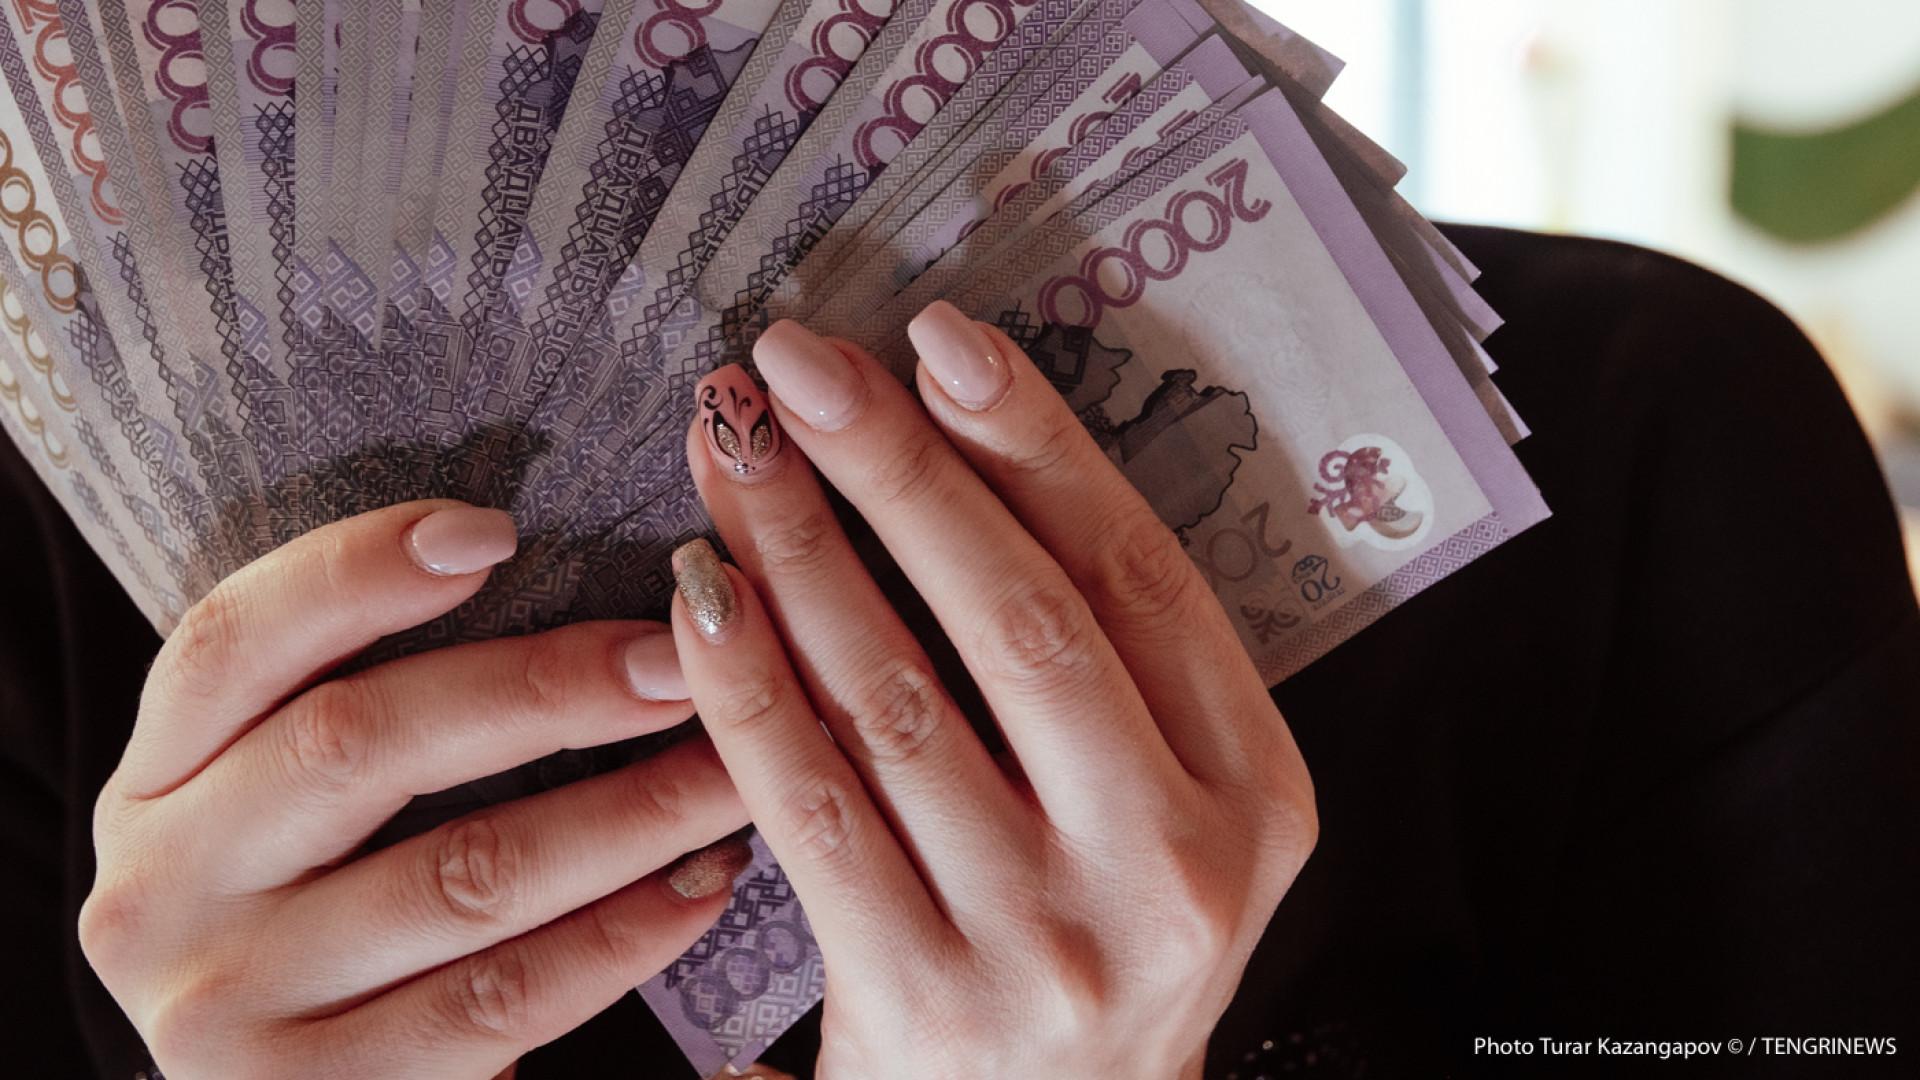 Предприниматель взяла на работу бывшую мошенницу и лишилась 22 млн тенге